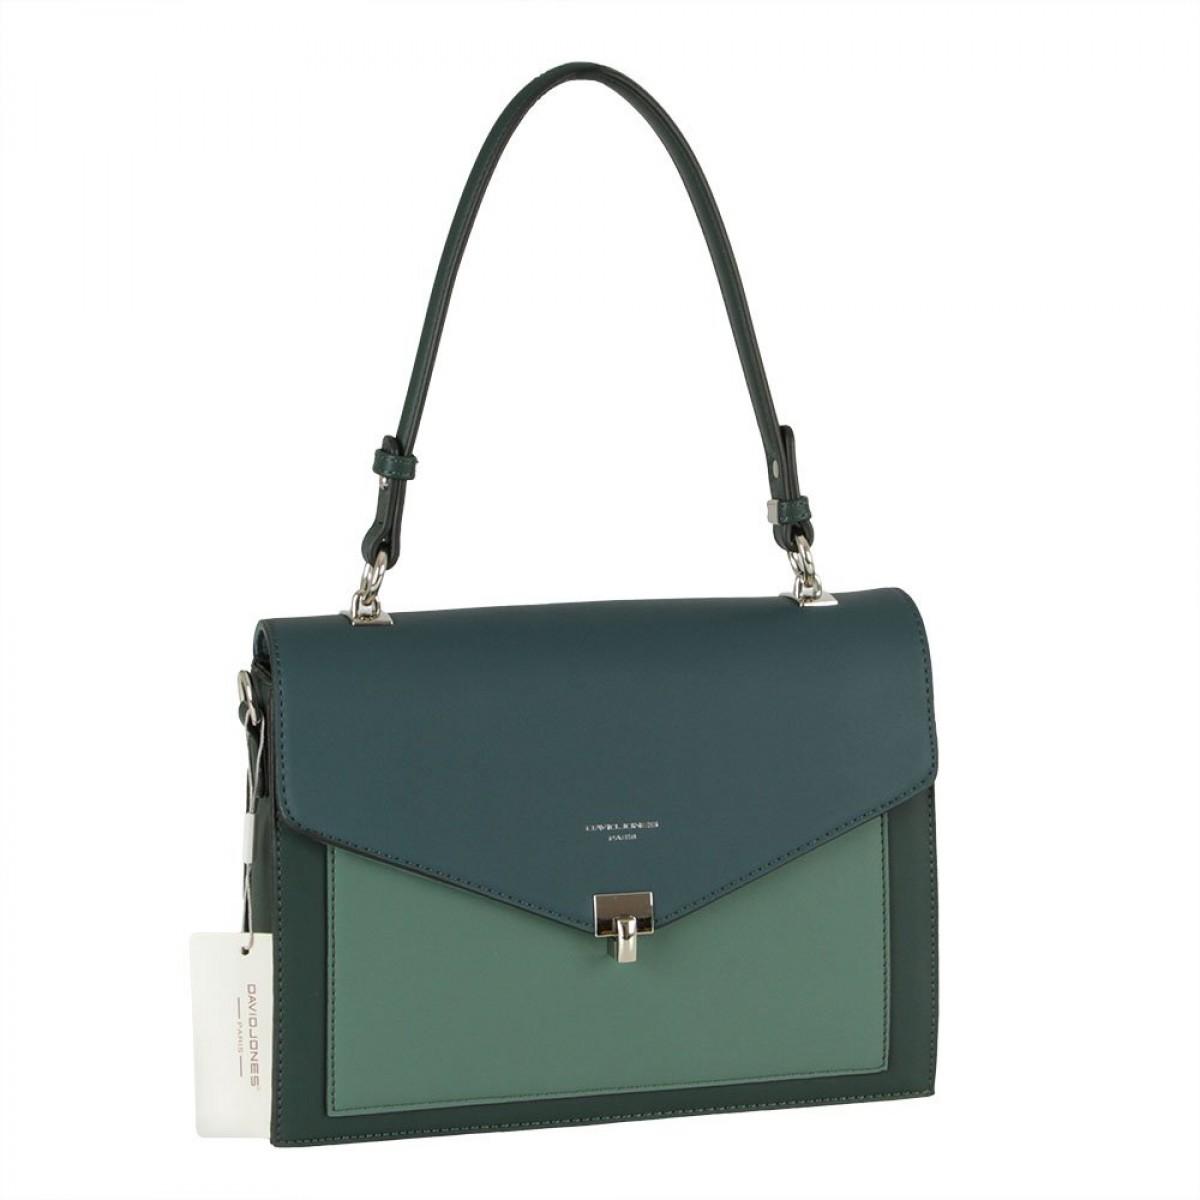 Жіноча сумка David Jones 6409-2 D.GREEN